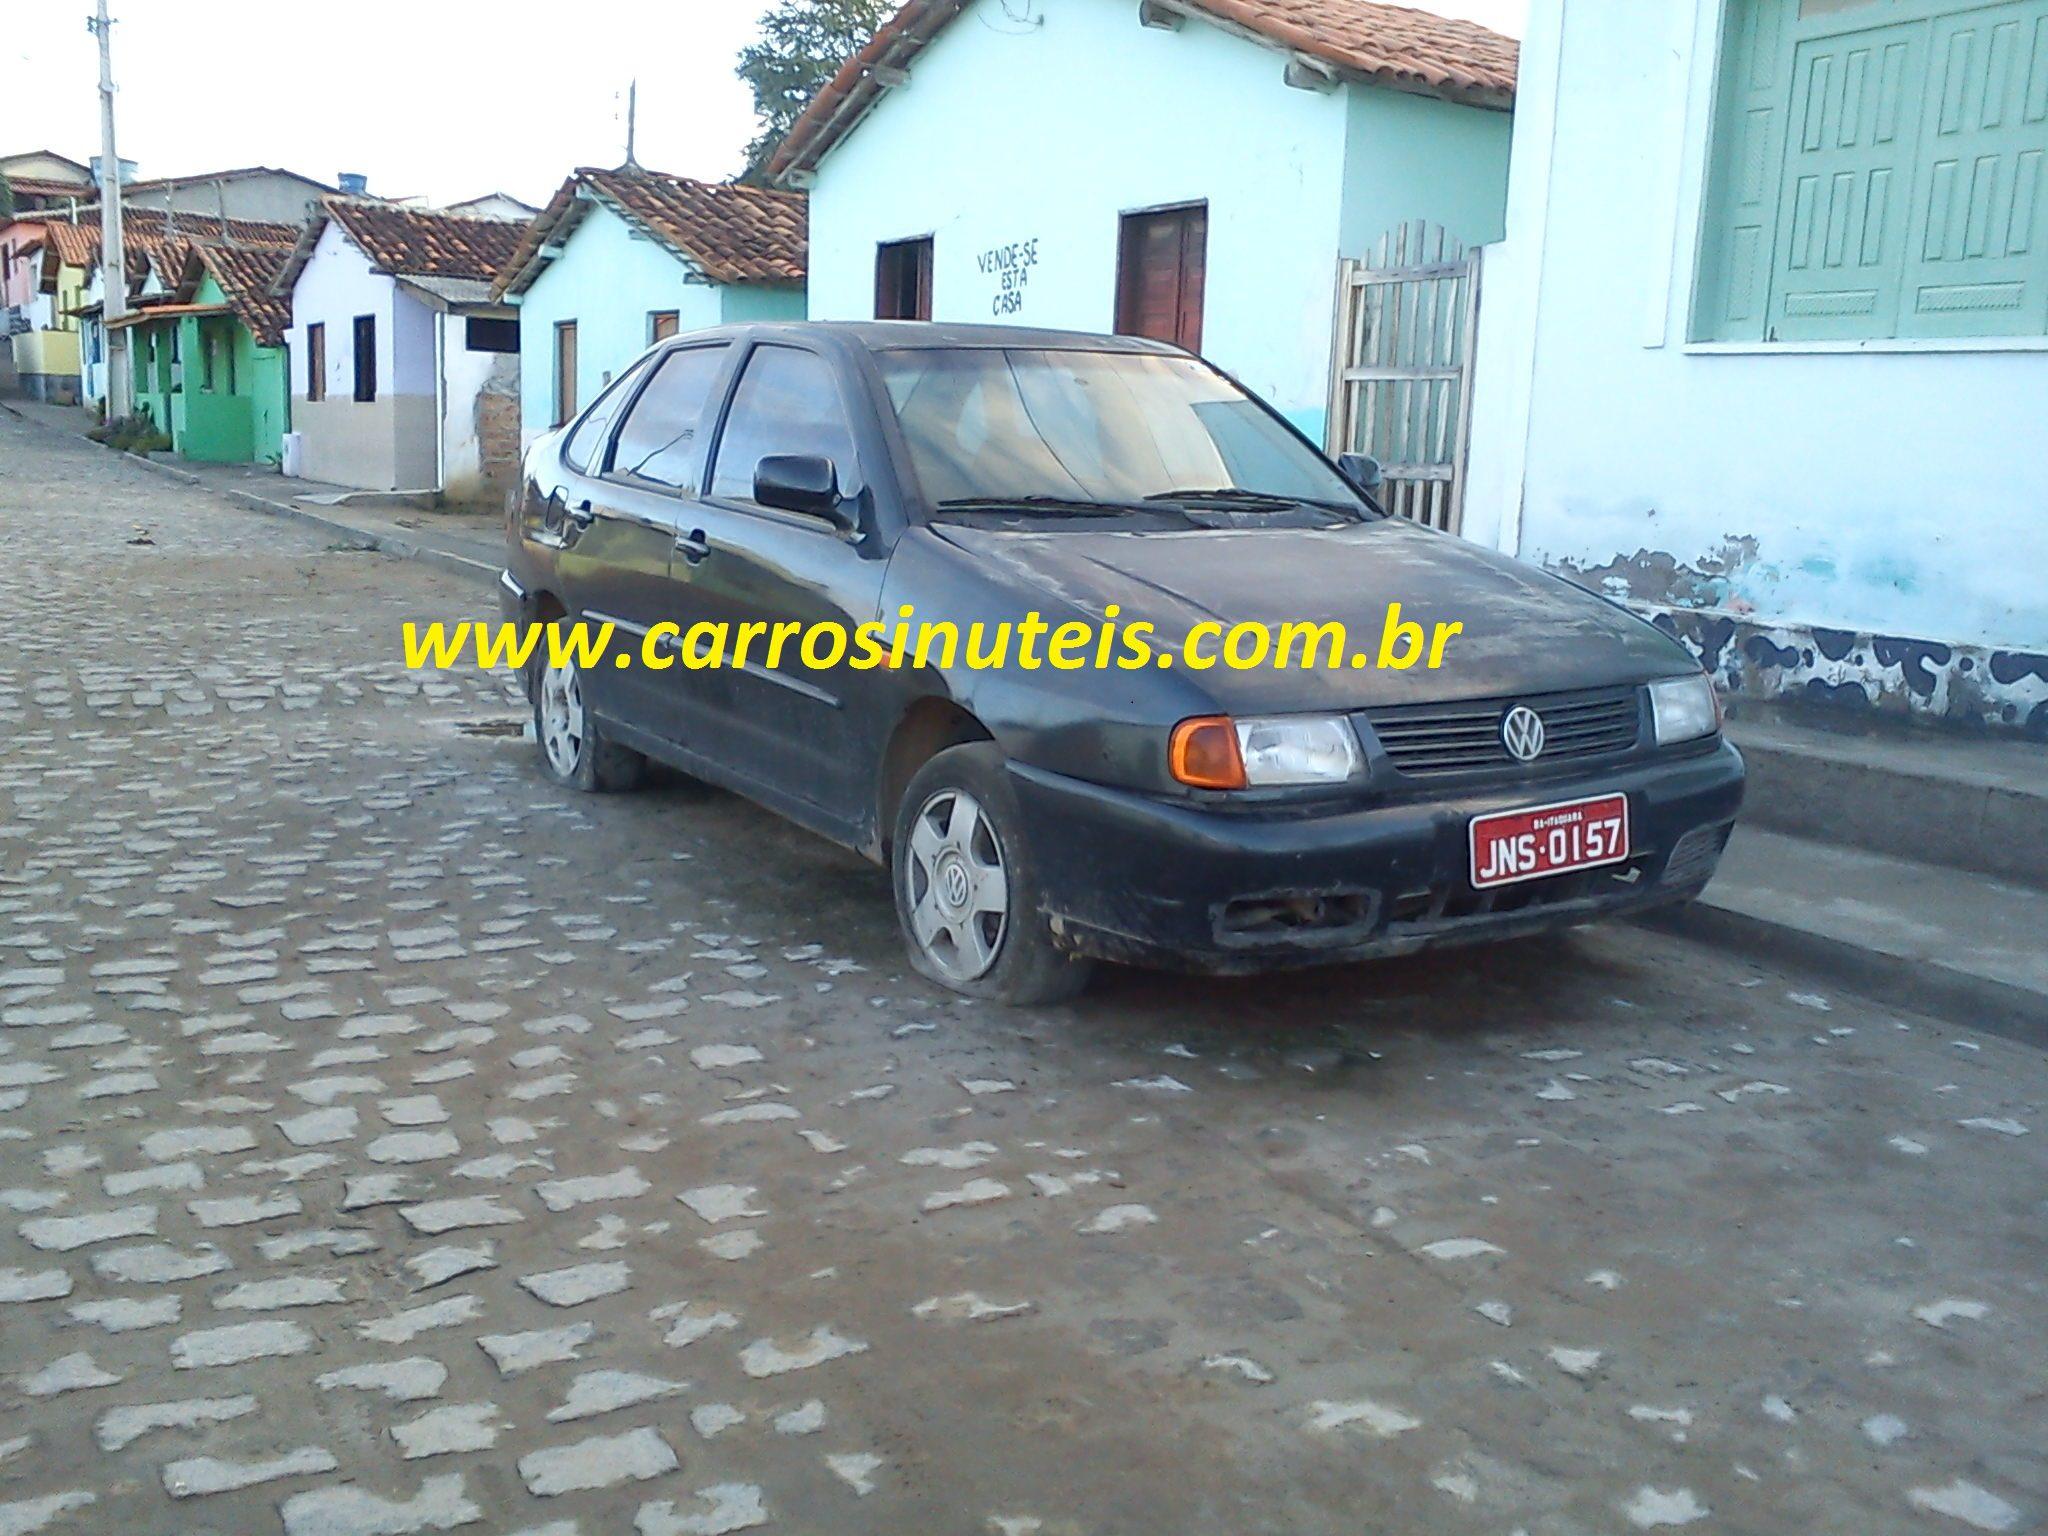 Junin-vw-polo-itaquara-bahia VW Polo, Itaquara, Bahia, Junin